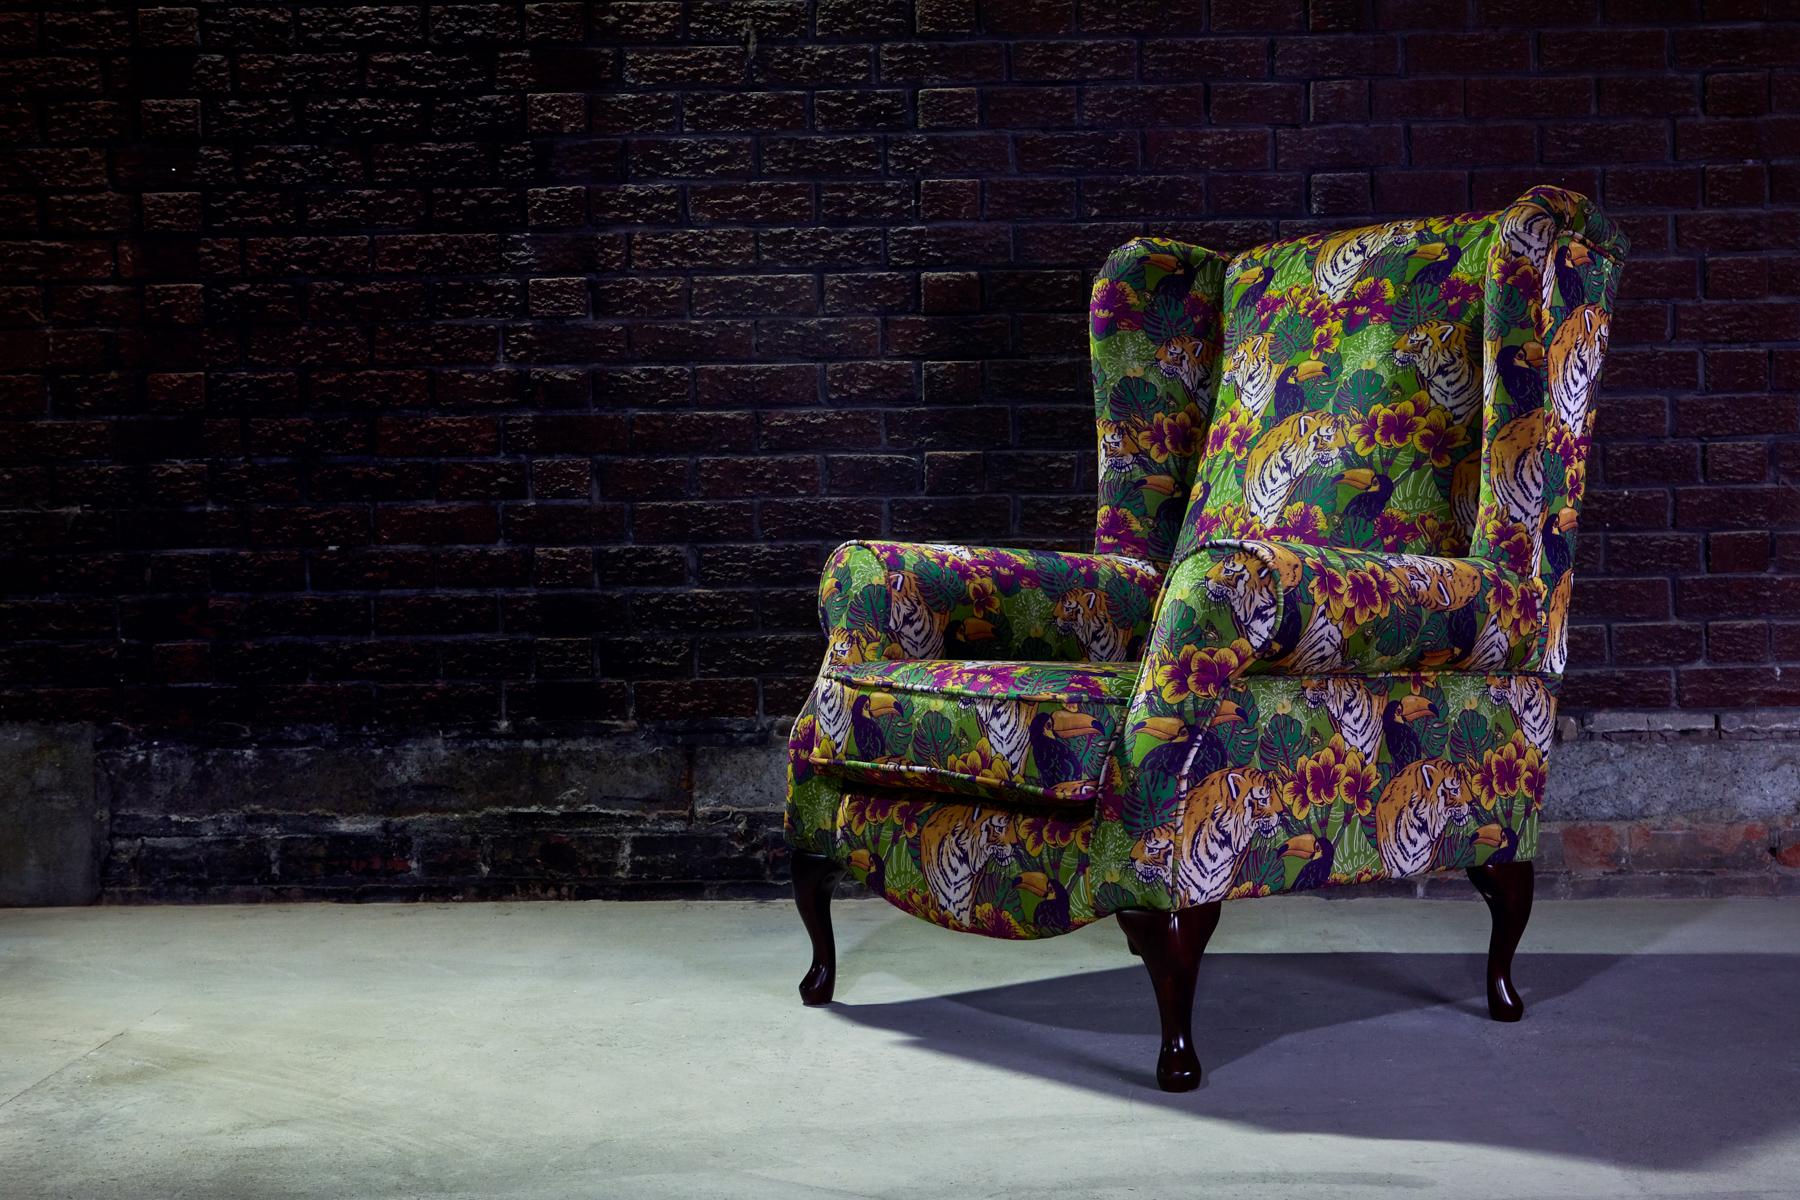 Mad chair00400.jpg